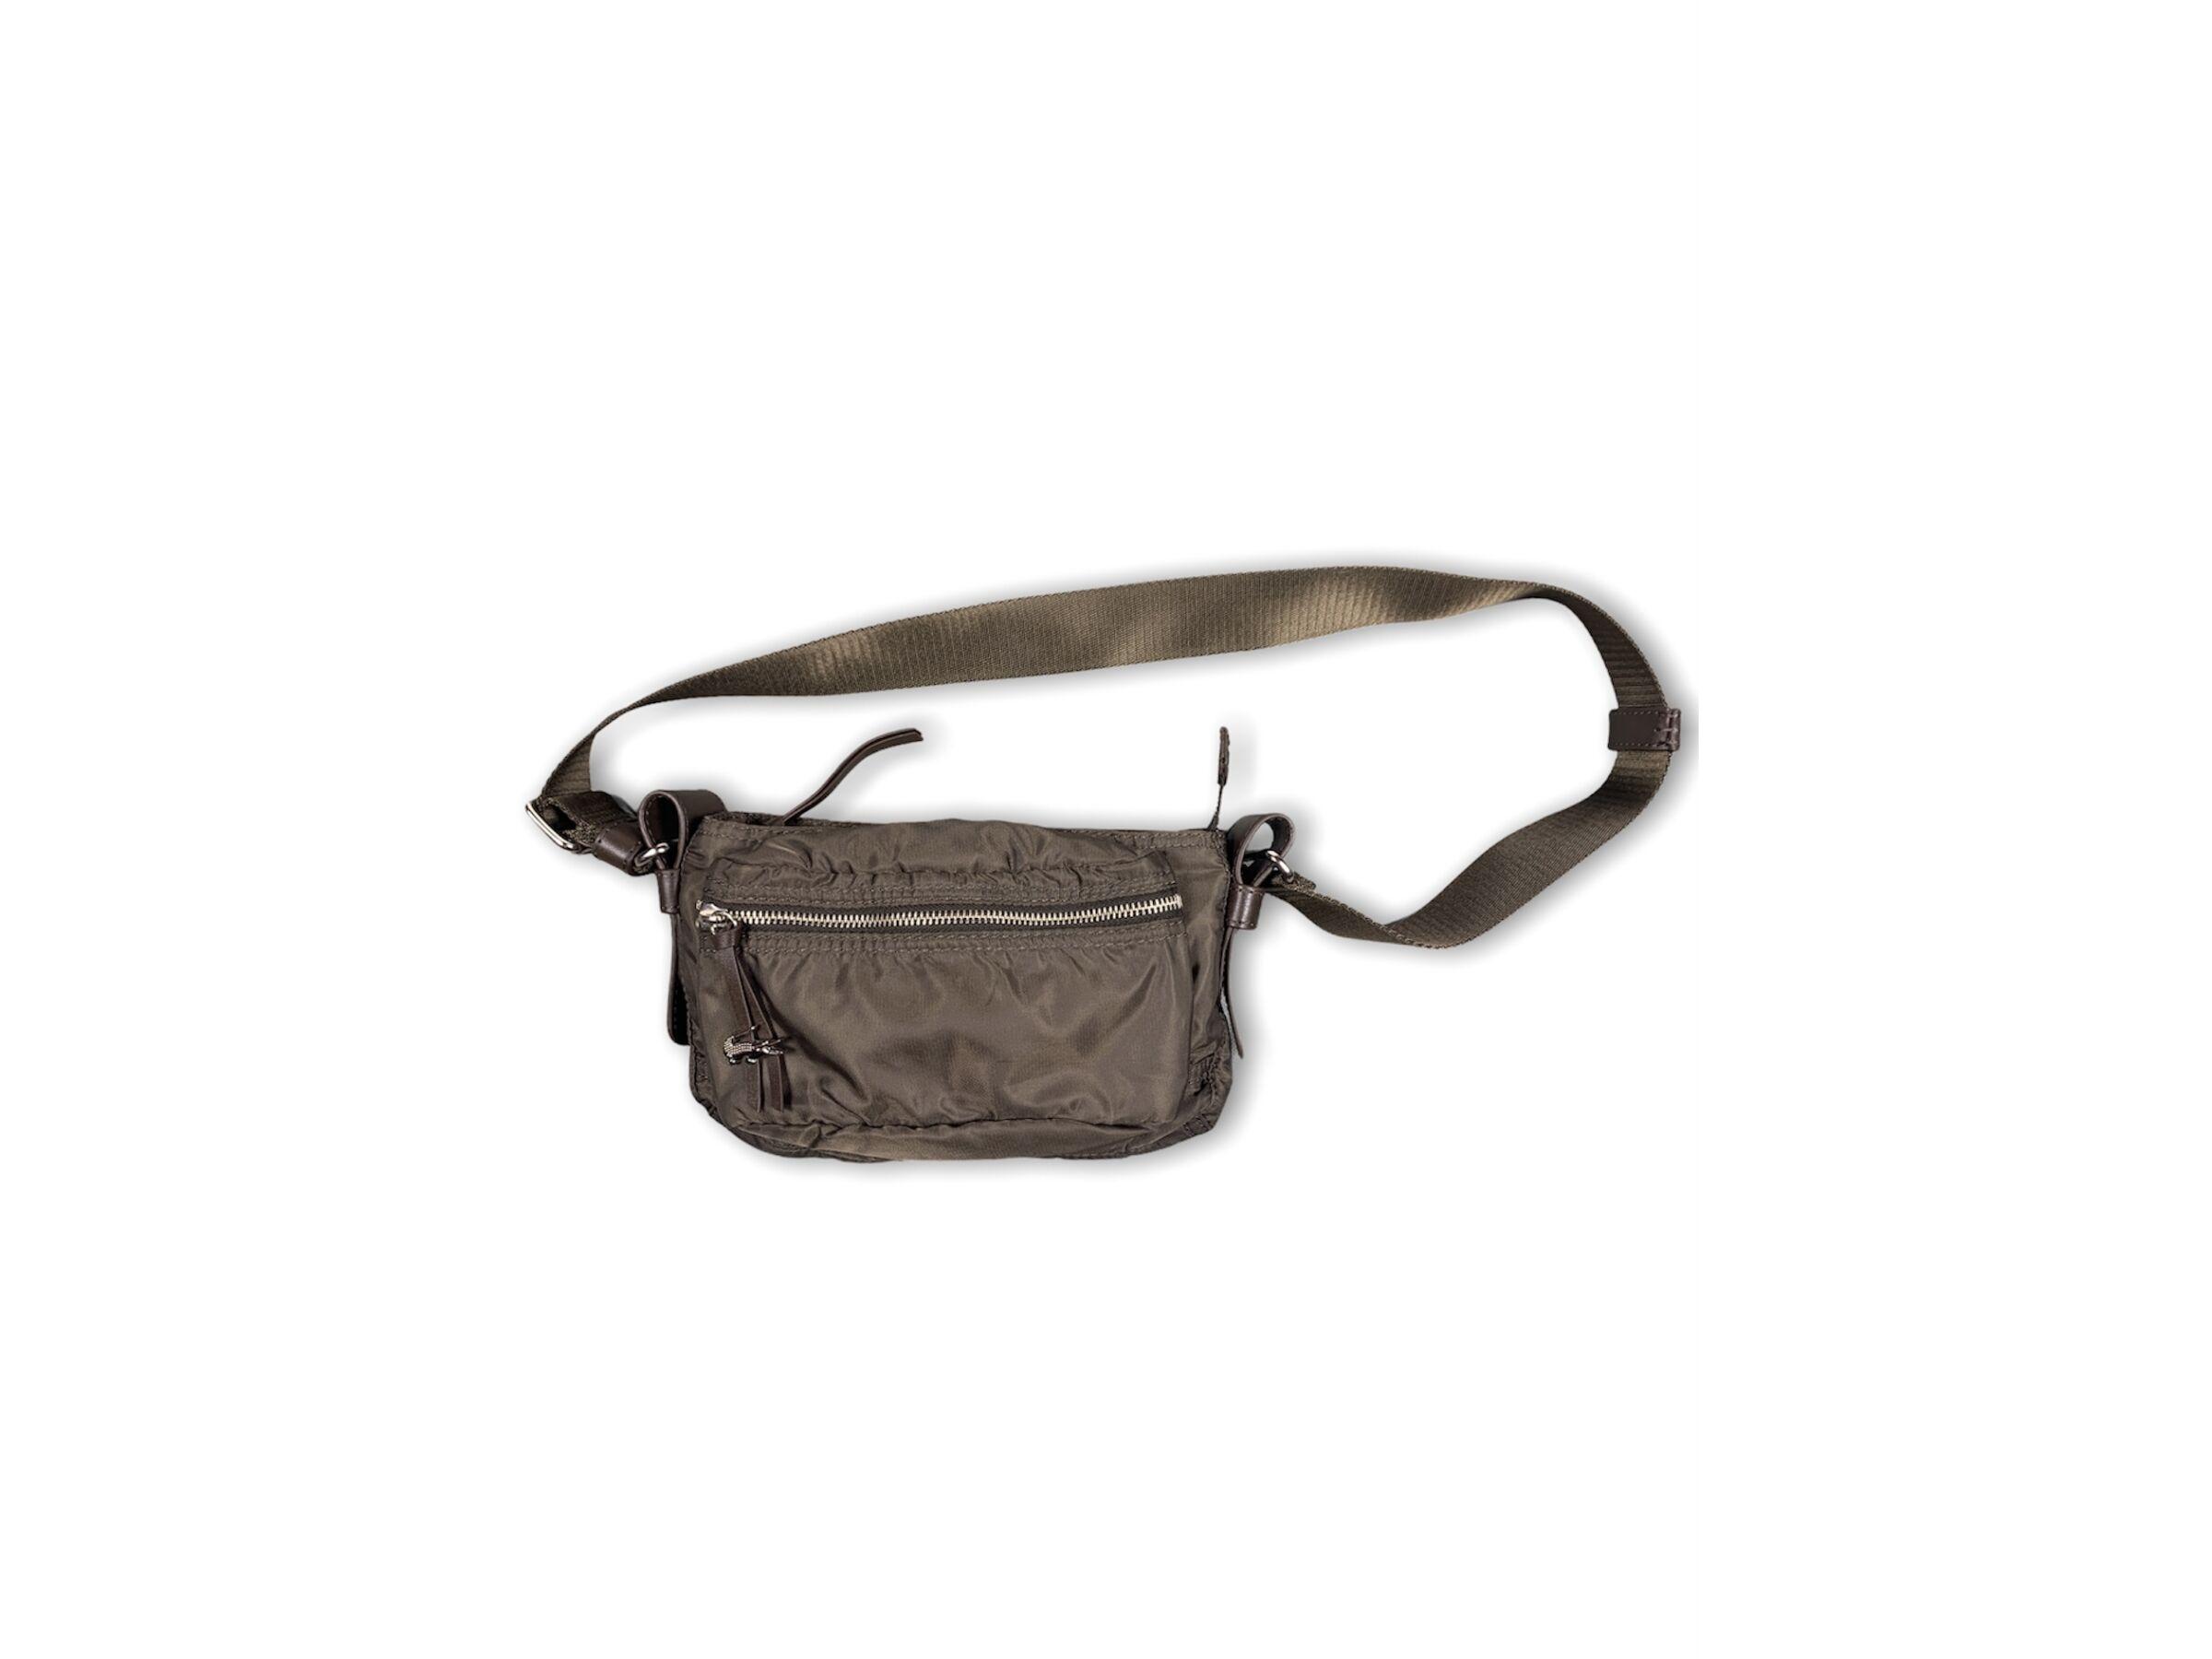 Vintage Lacoste táska